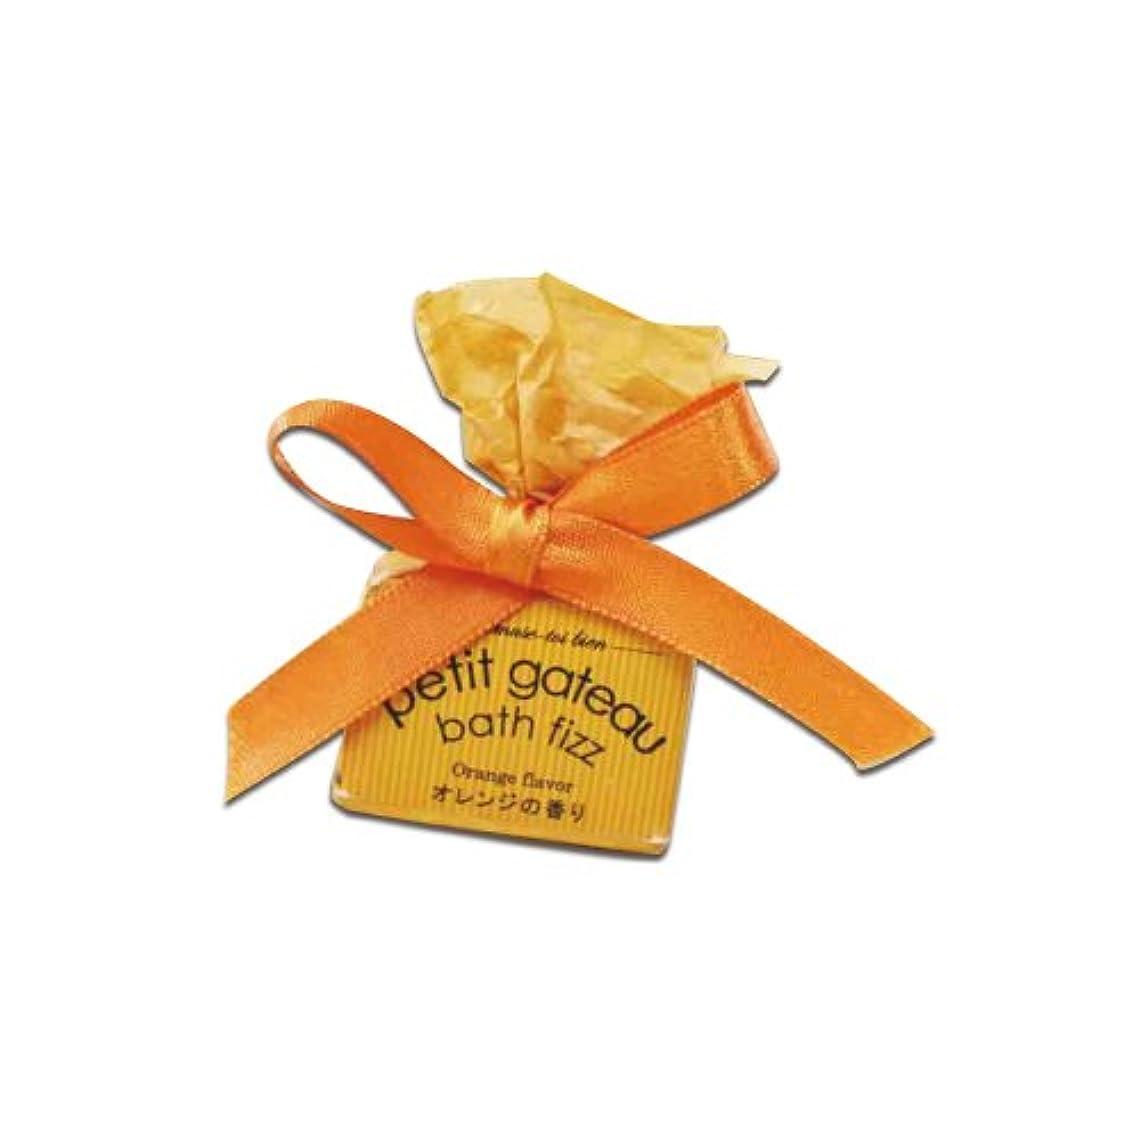 遠近法成長する終わったプチガトーバスフィザー オレンジの香り 12個セット